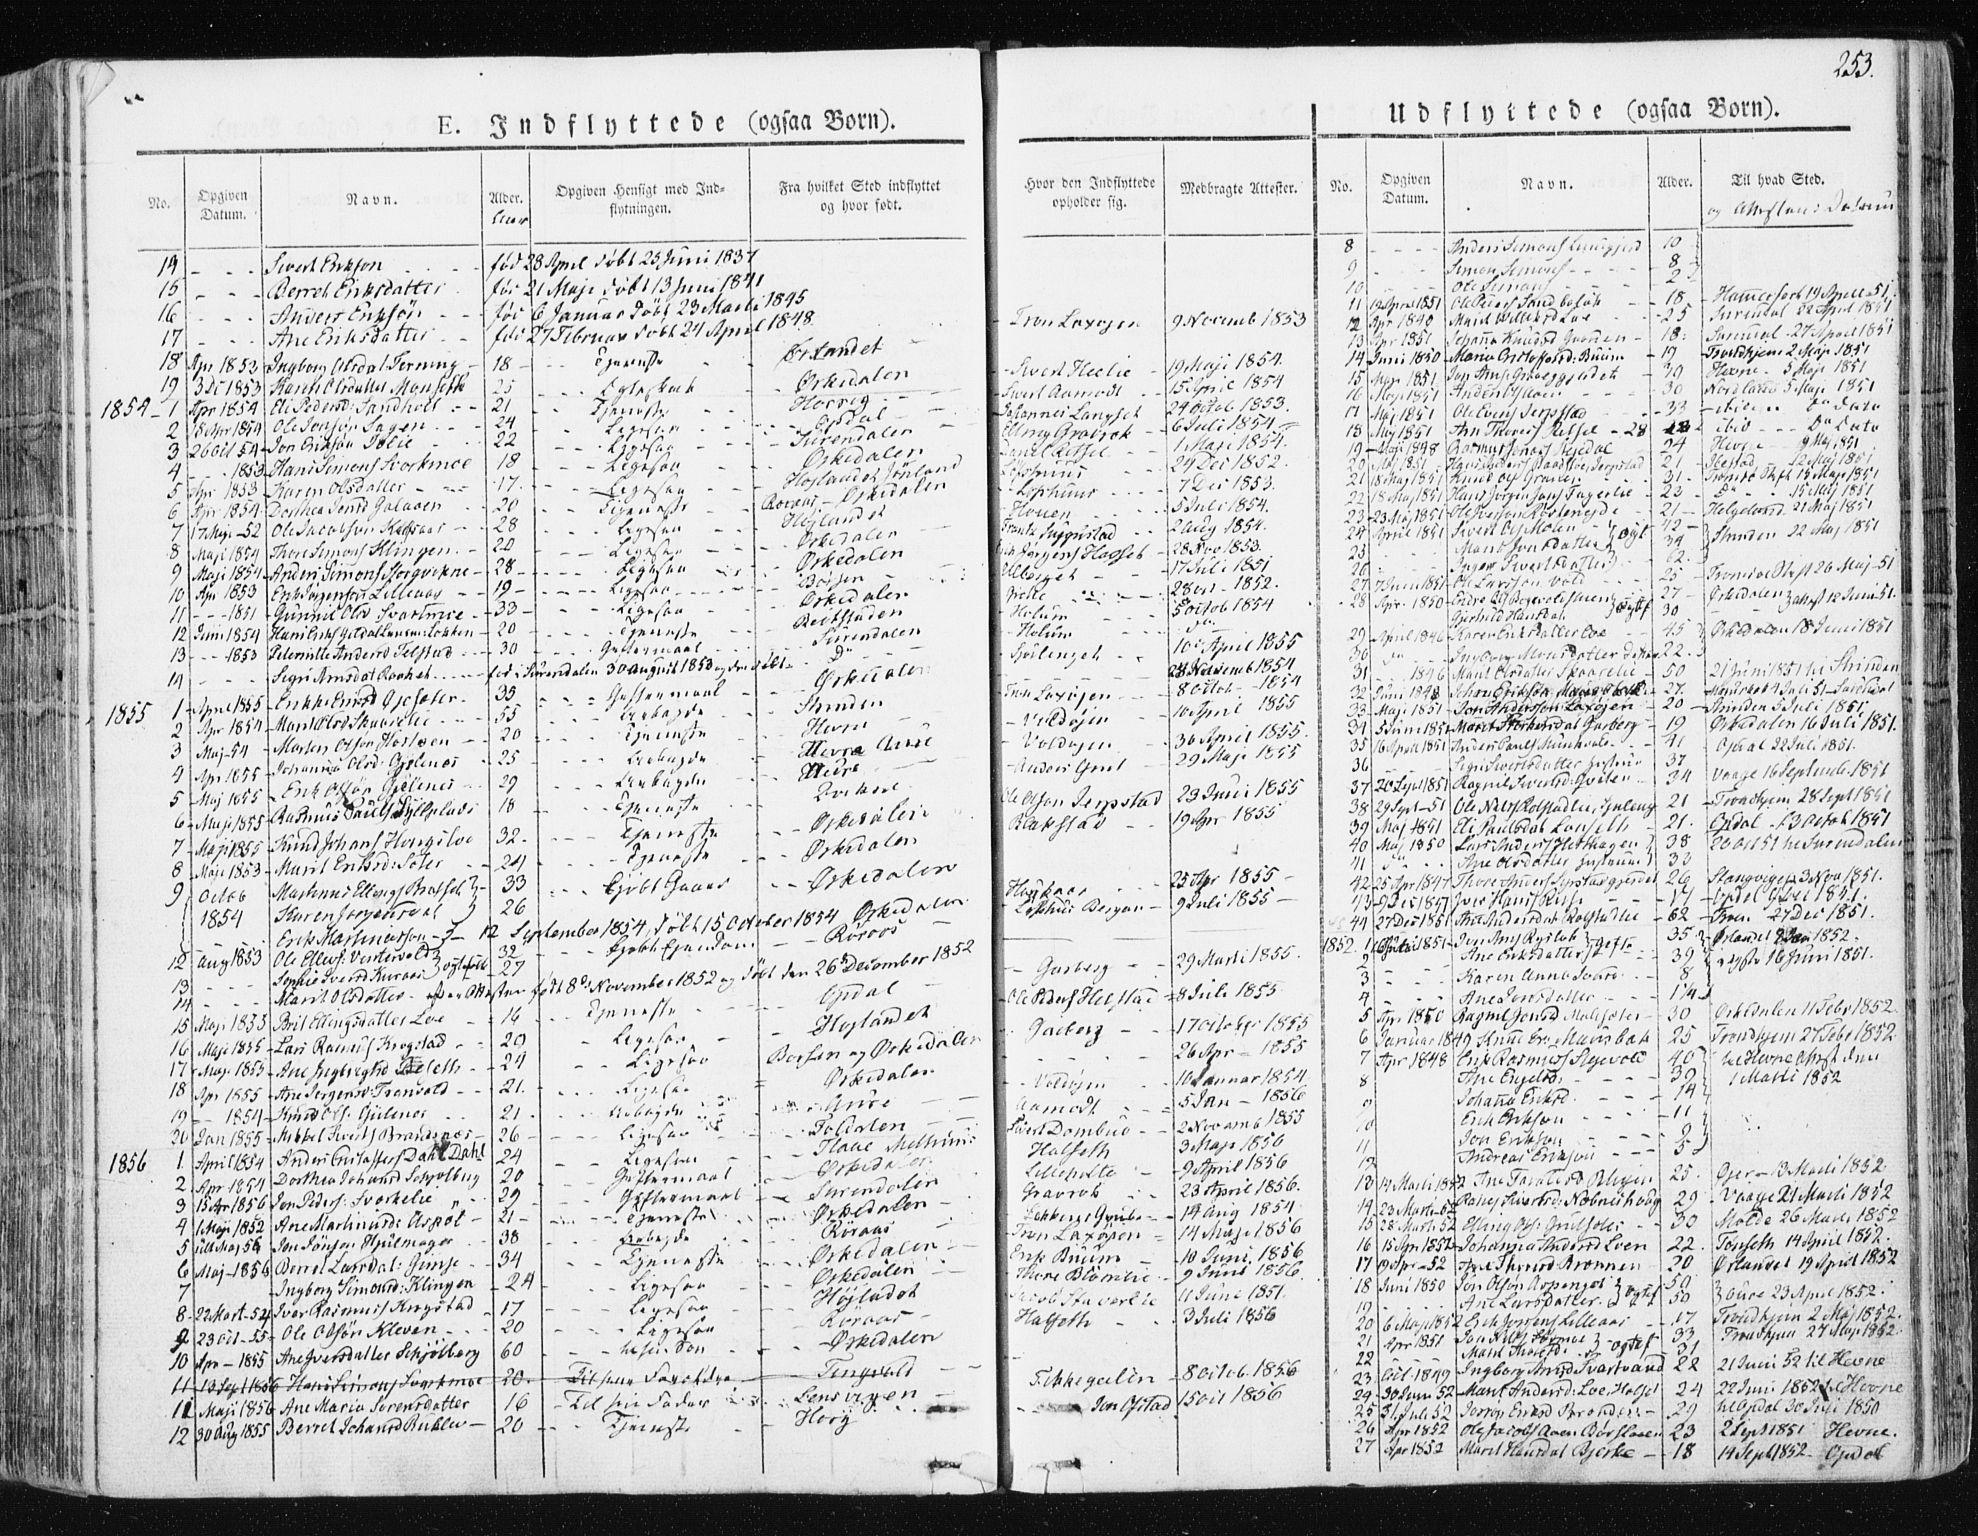 SAT, Ministerialprotokoller, klokkerbøker og fødselsregistre - Sør-Trøndelag, 672/L0855: Ministerialbok nr. 672A07, 1829-1860, s. 253